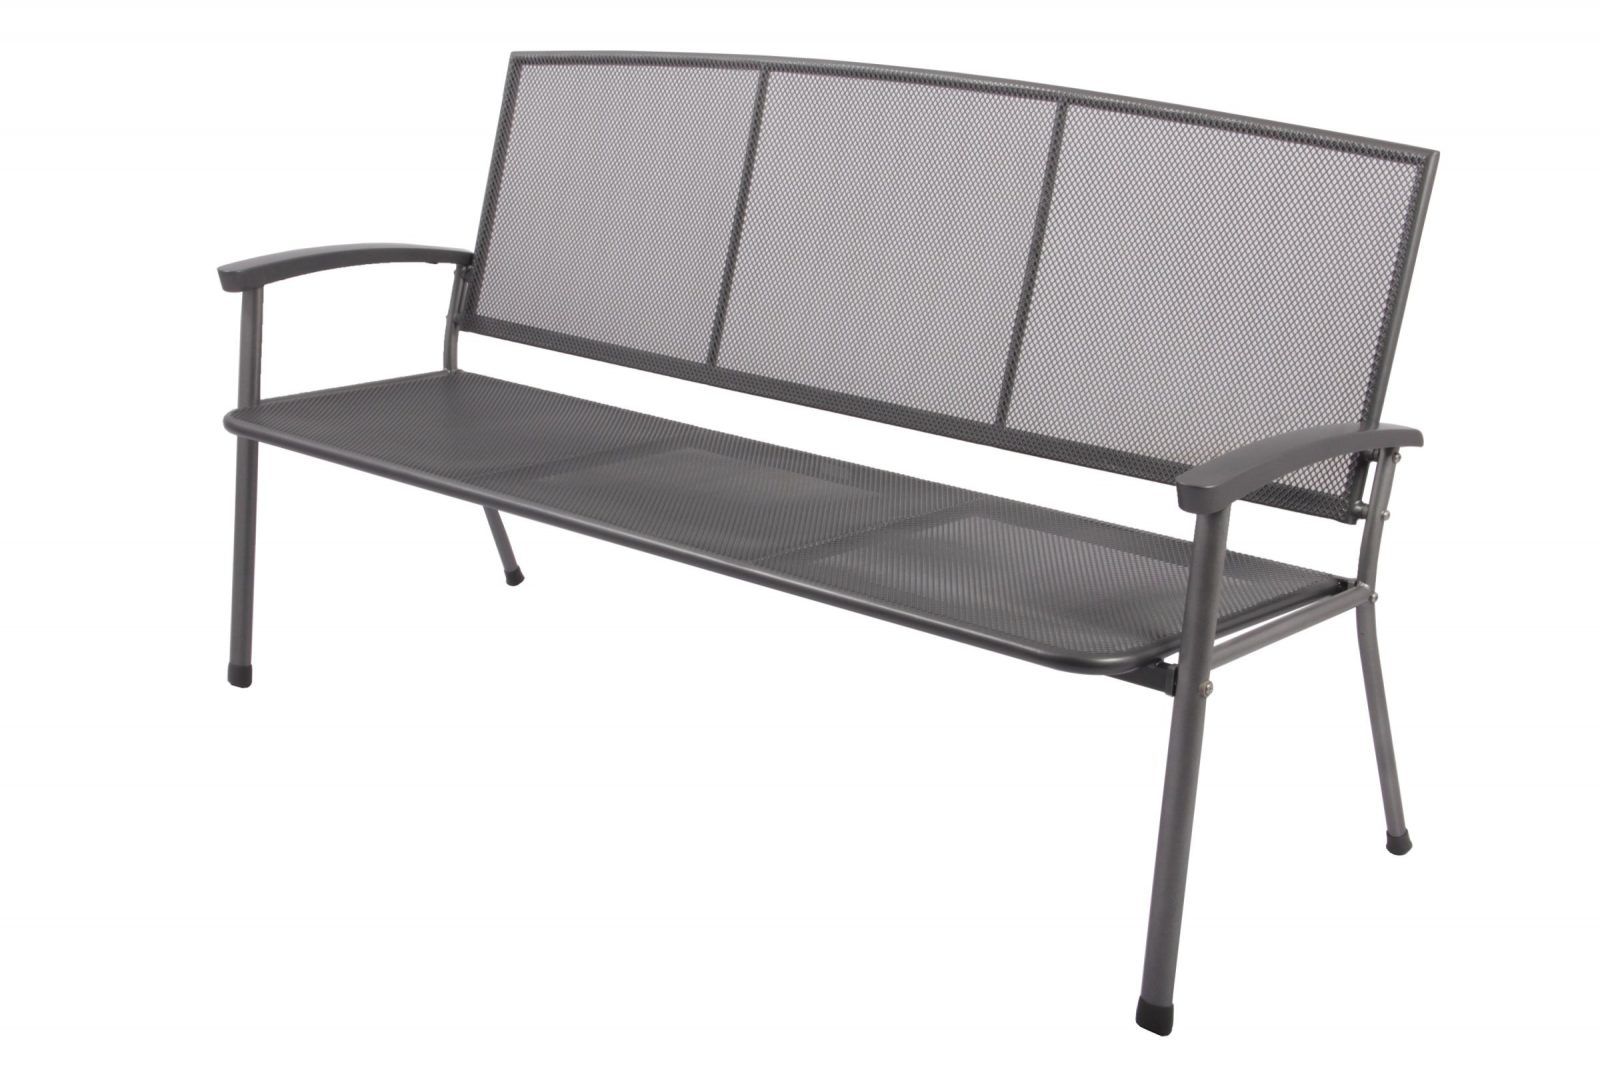 Gartenbank Rivo Parkbank 3 Sitzer Aus Streckmetall Garten Terrasse von Gartenbank 3 Sitzer Metall Photo